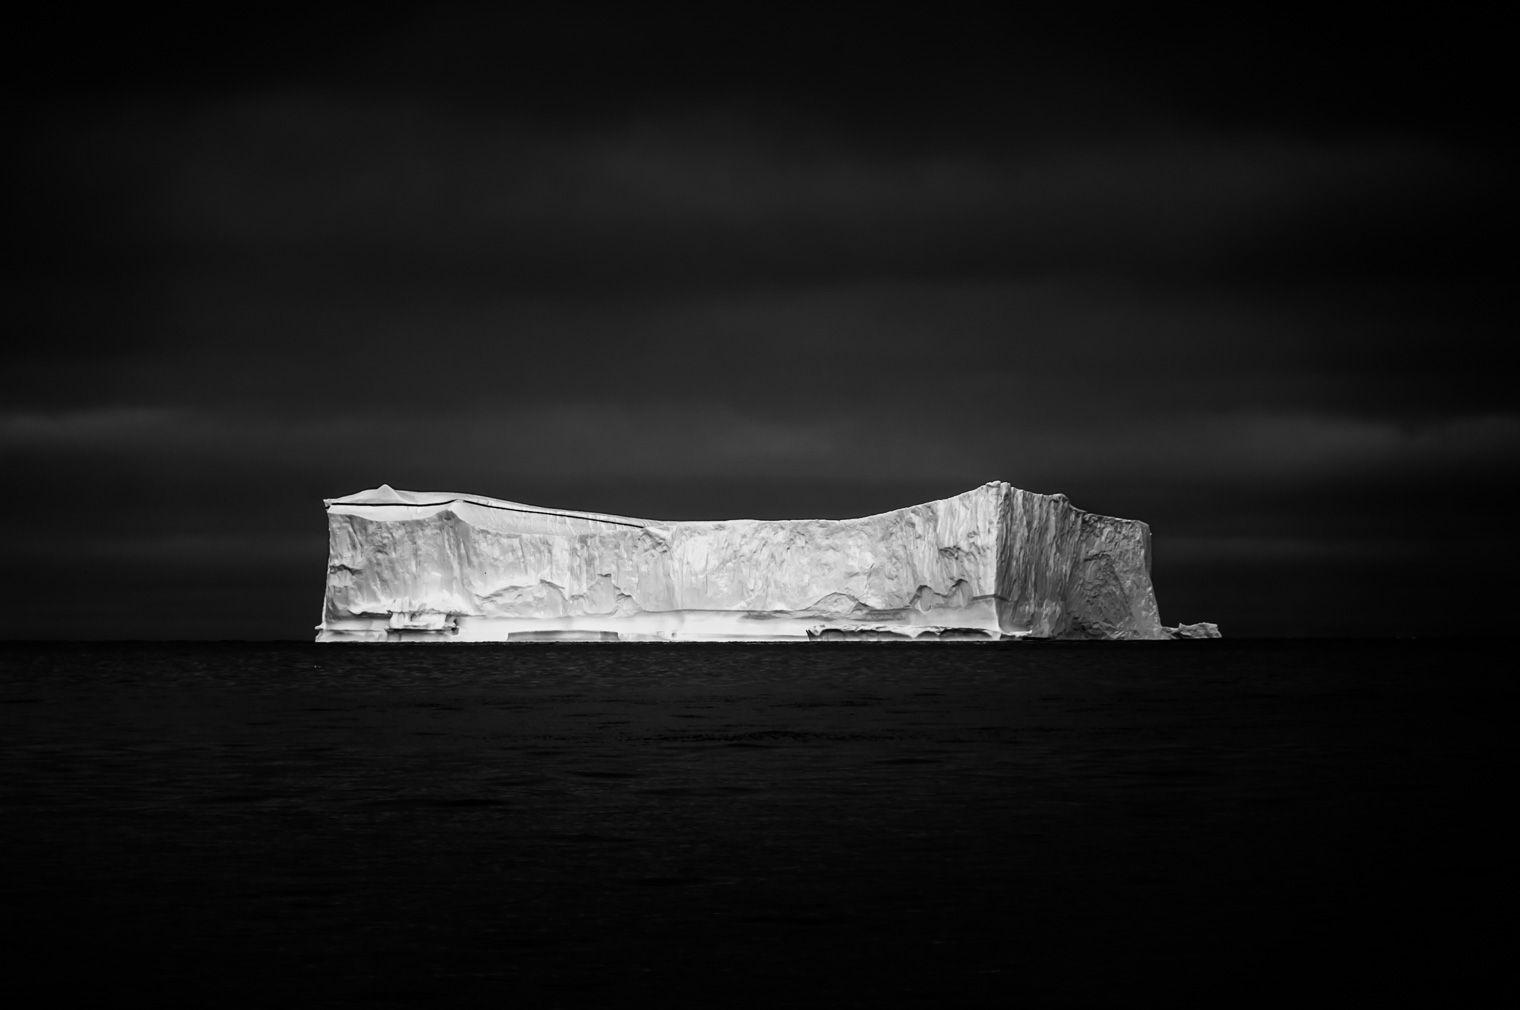 Black & White Lightroom Presets for Landscape Photography ...